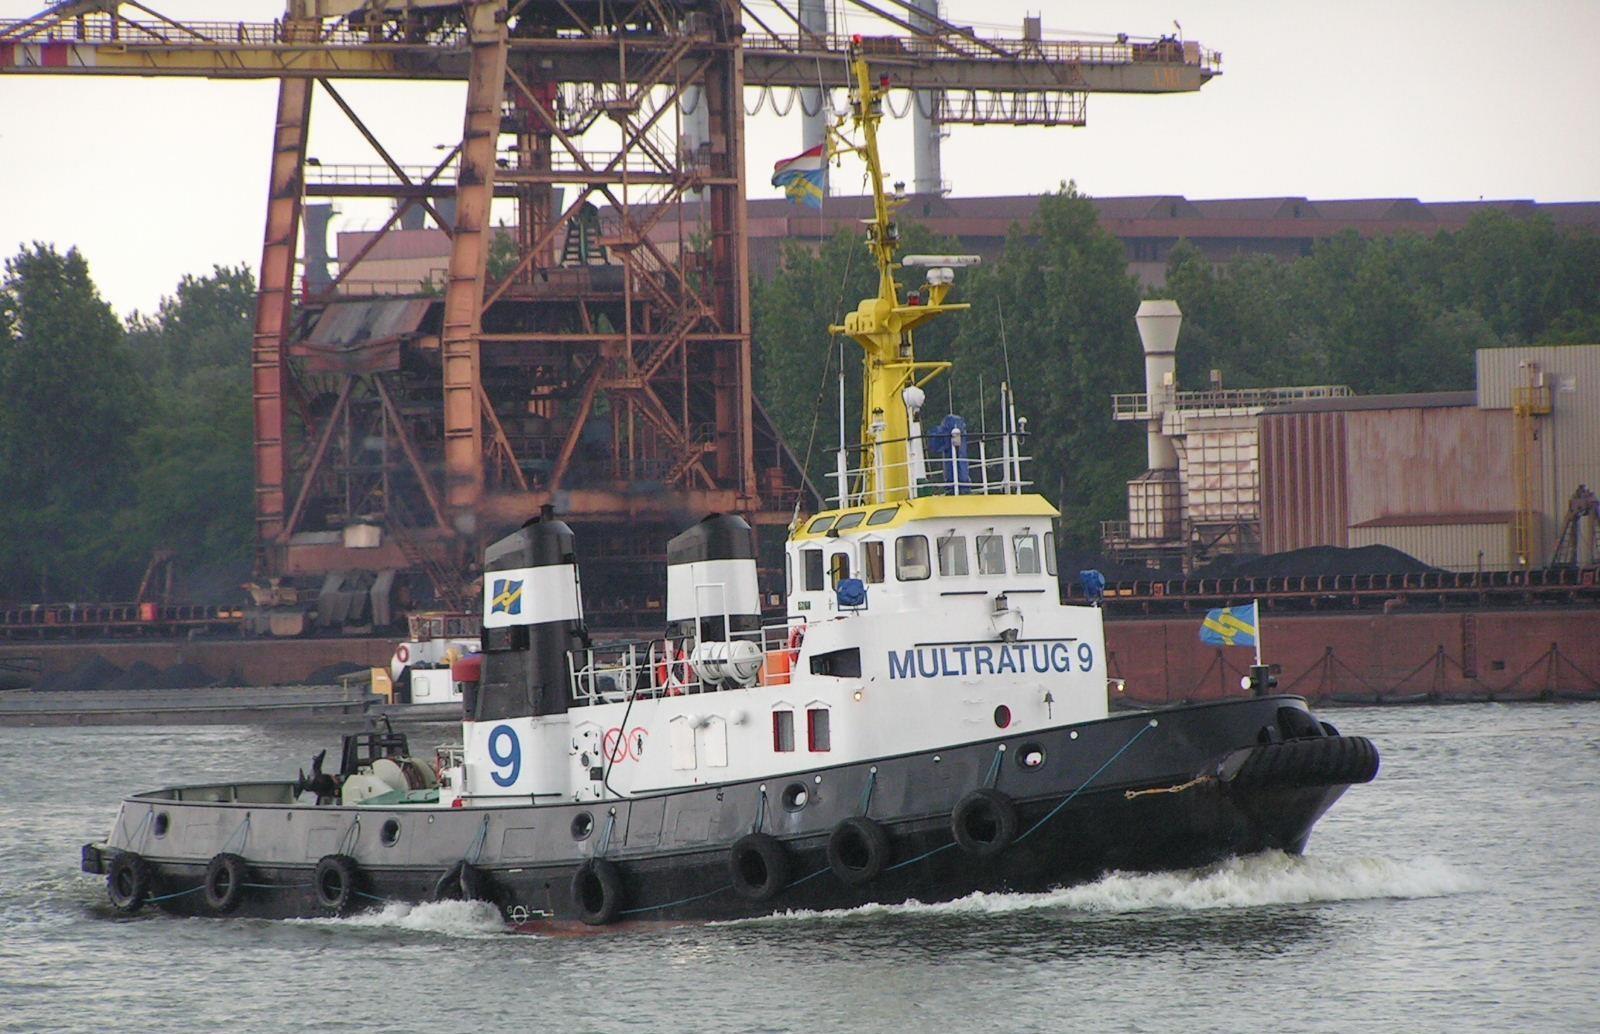 MarineTraffic.com/ON4CKZ